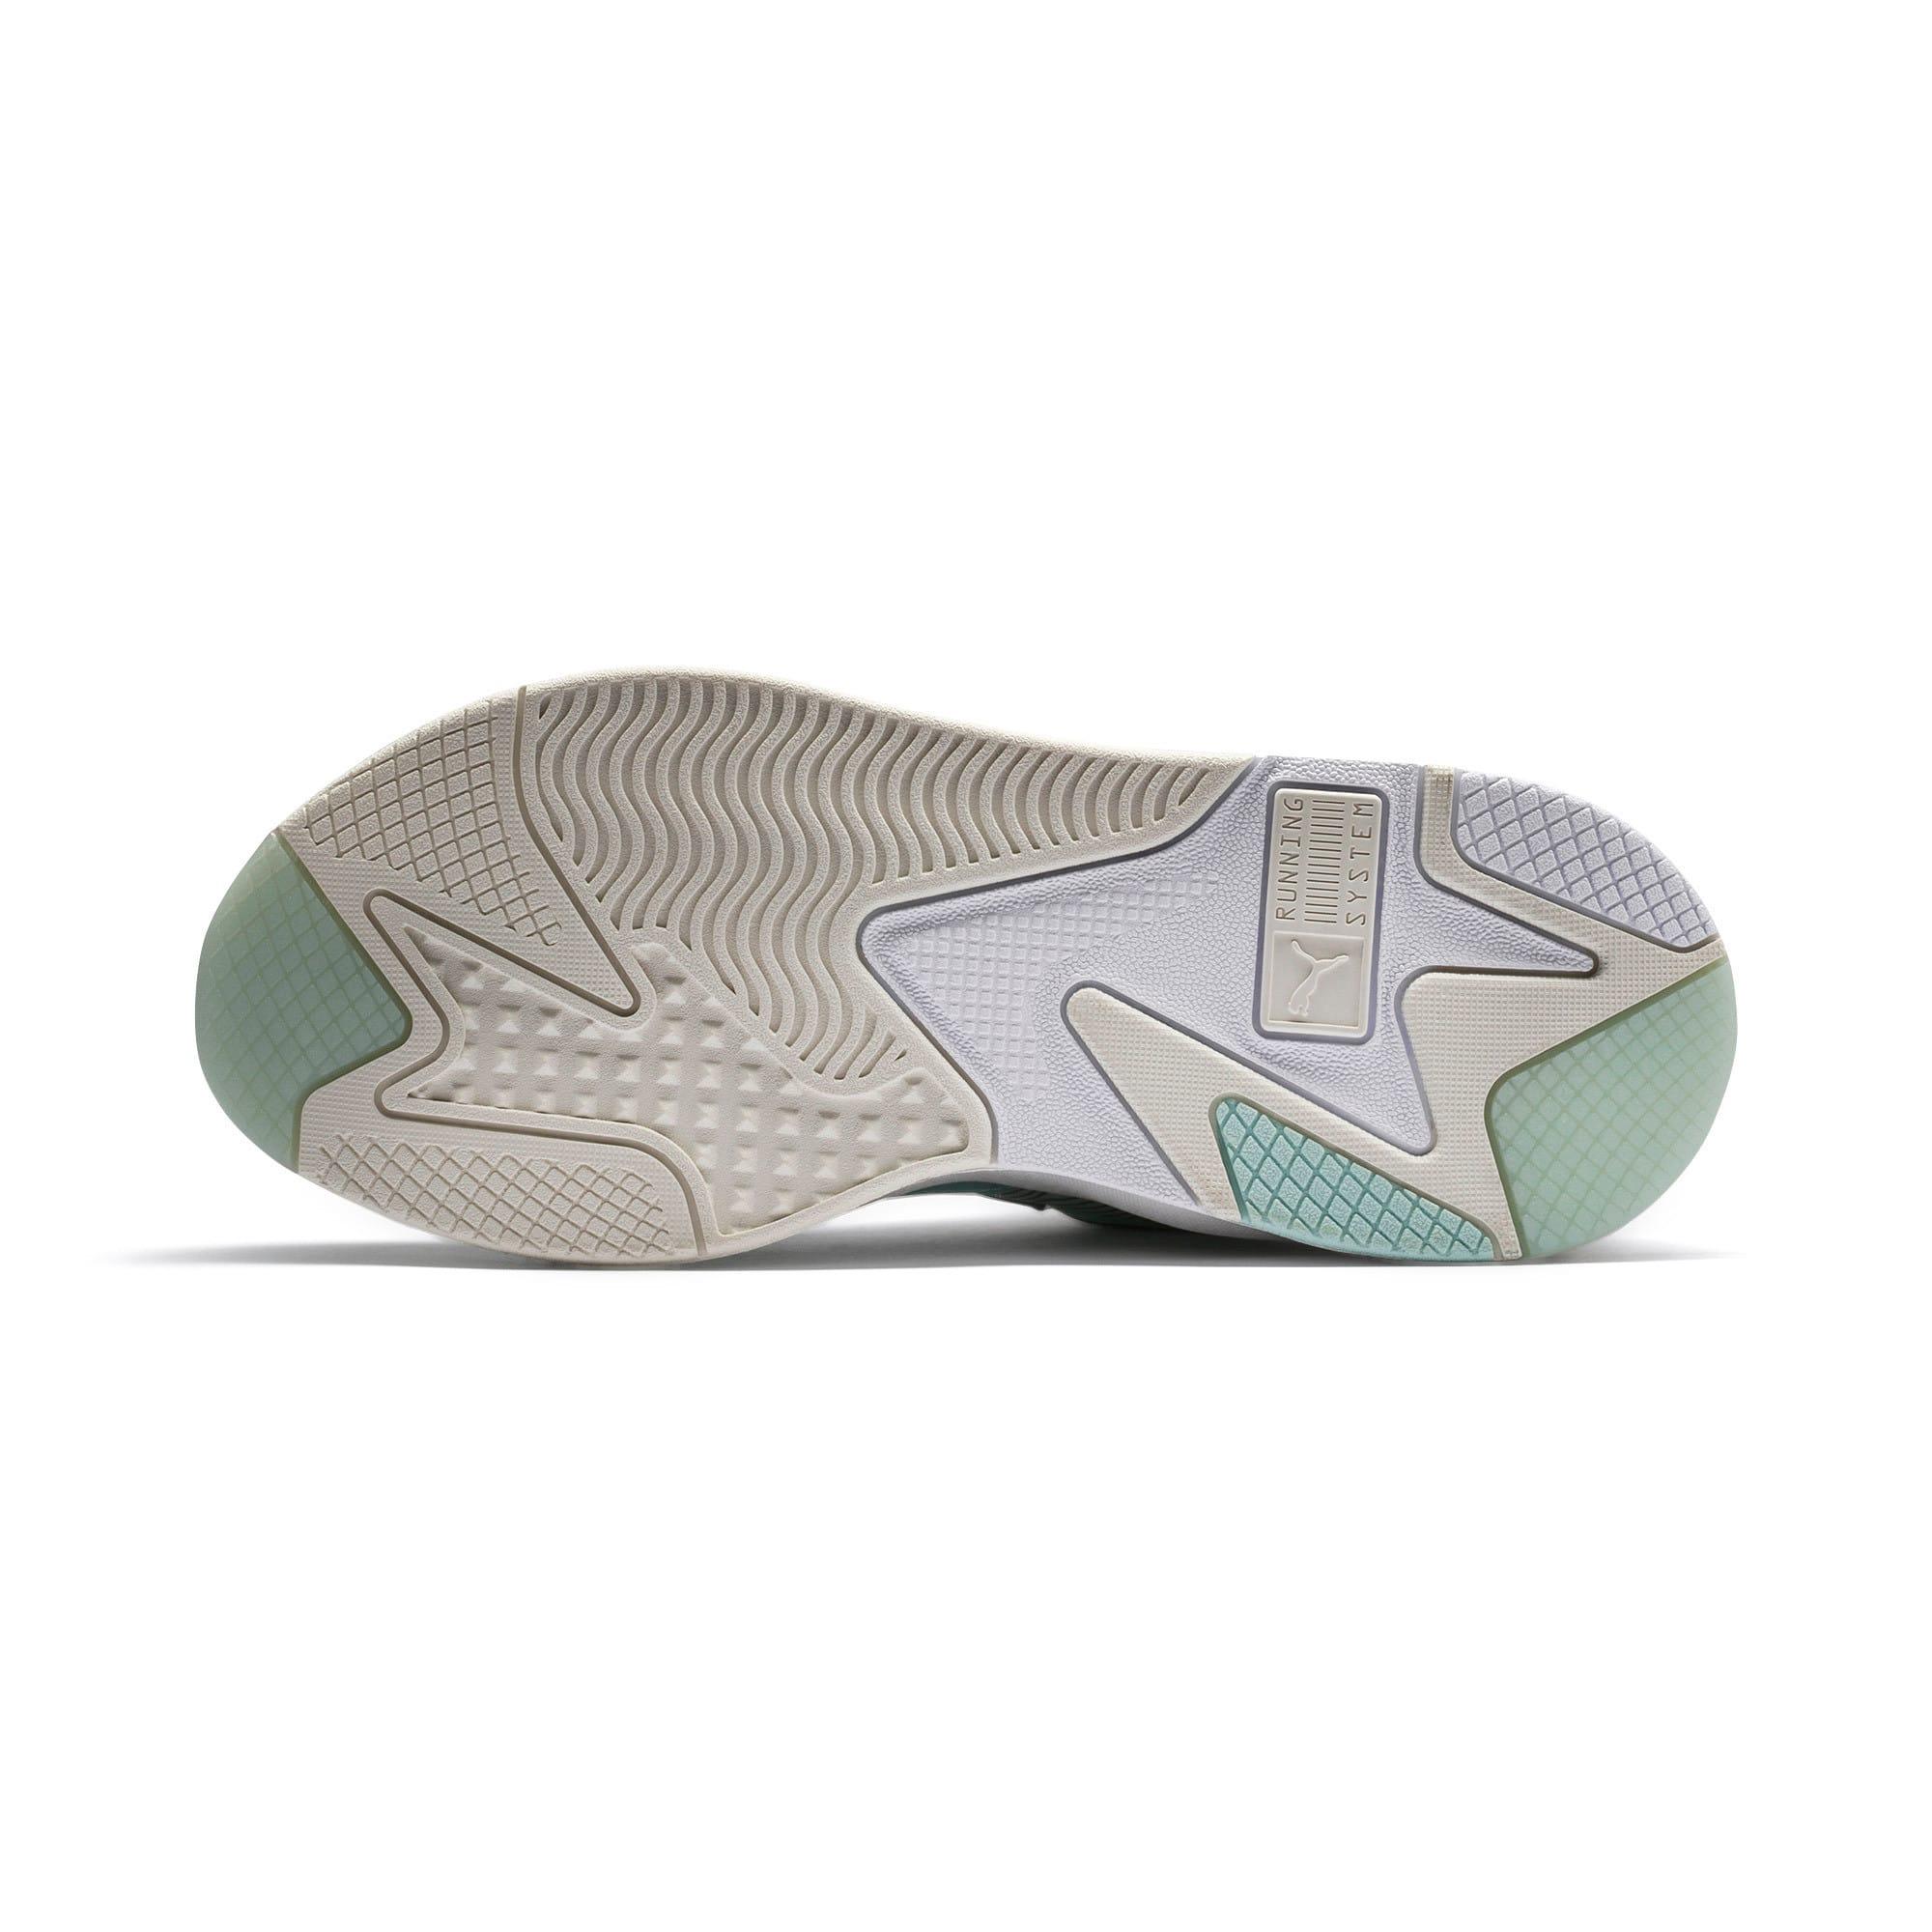 Thumbnail 4 of RS-X TECH Sneakers, Vaporous Gray-Fair Aqua, medium